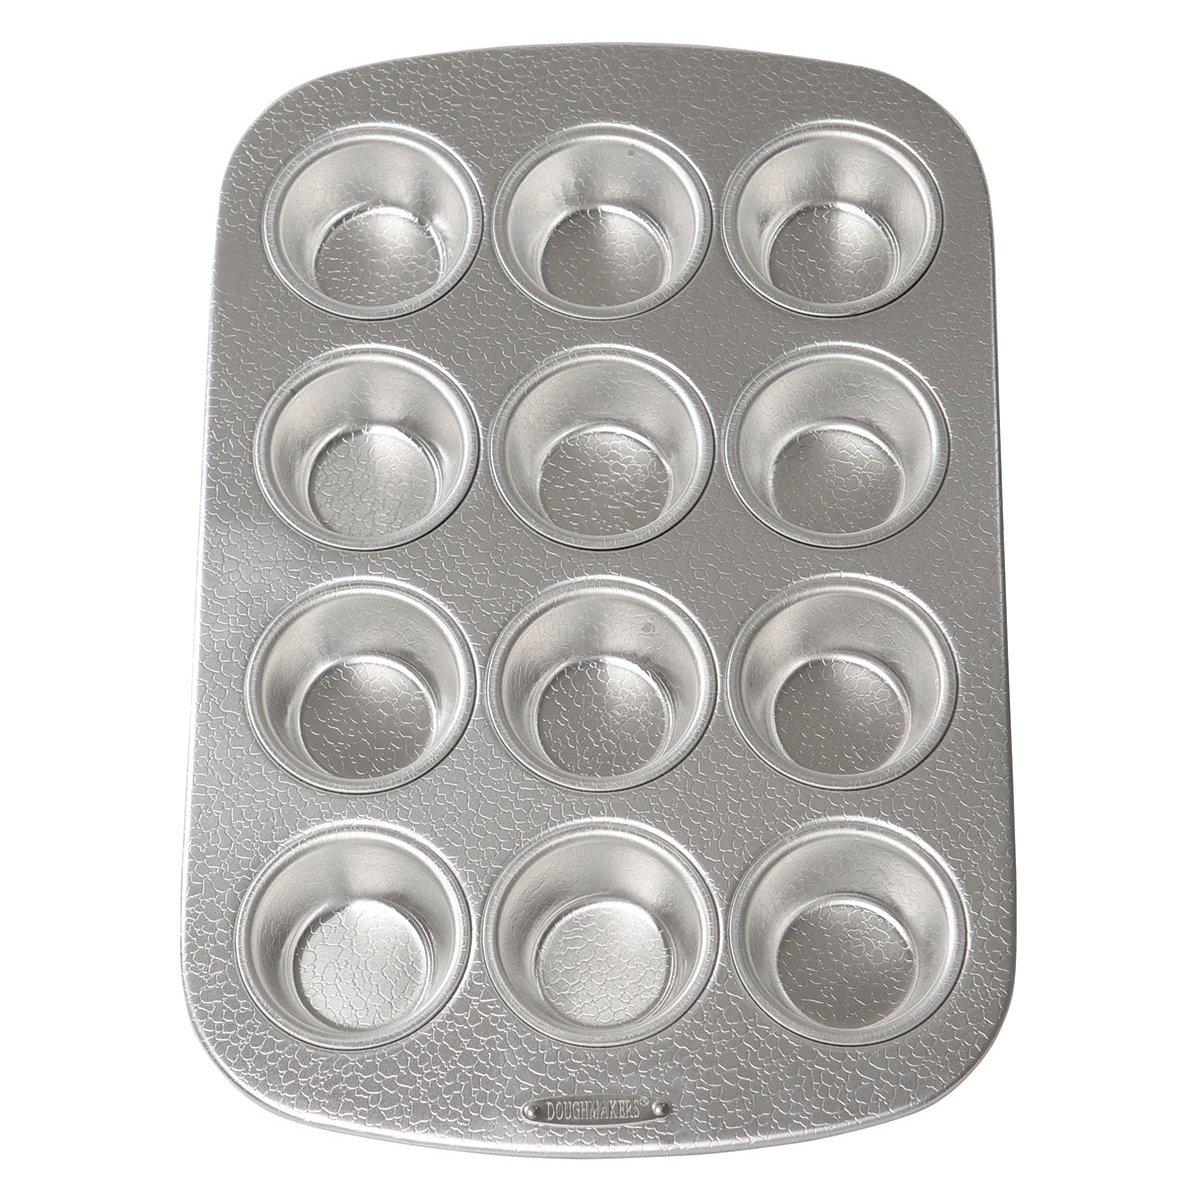 Doughmakers 10936 Muffin Cupcake Pan 12 Molds Fox Run Brands